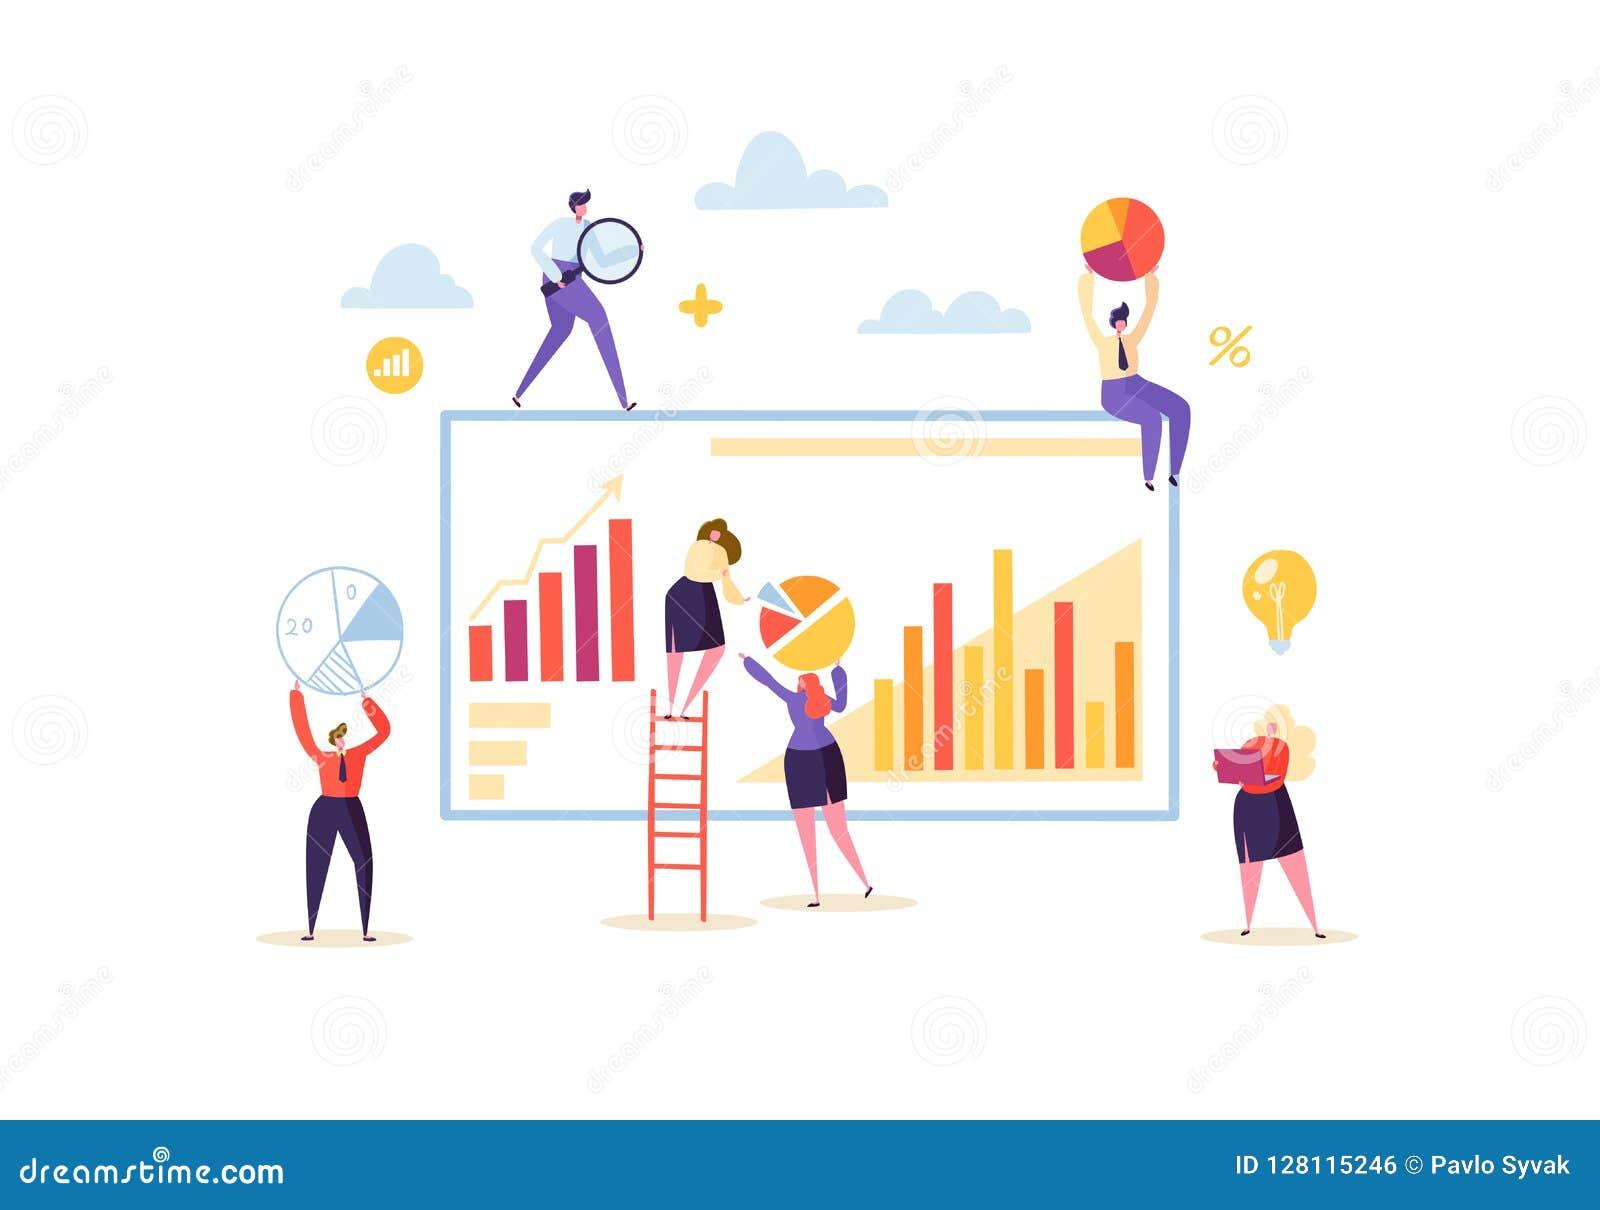 Groot de Strategieconcept van de Gegevensanalyse Marketing Analytics met Bedrijfsmensenkarakters die samen met Diagrammen werken